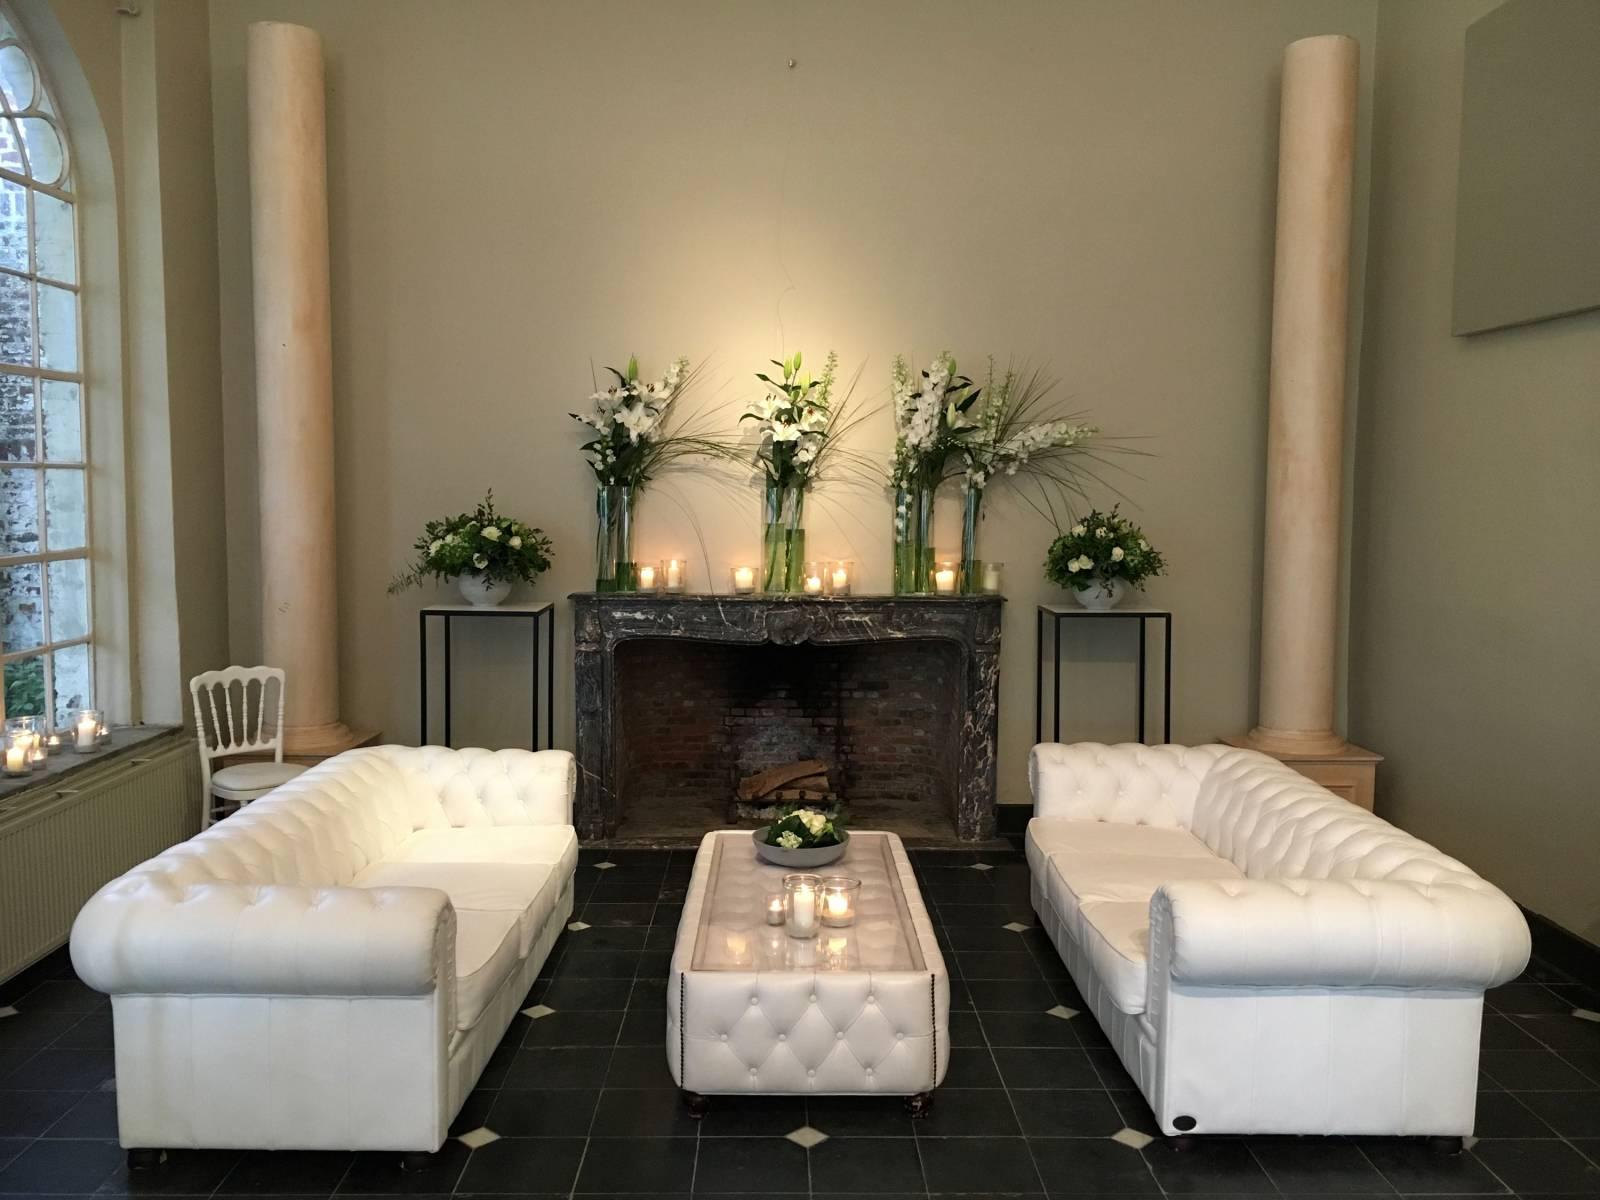 Kasteel van Leeuwergem - Feestzaal - House of Weddings  - 8